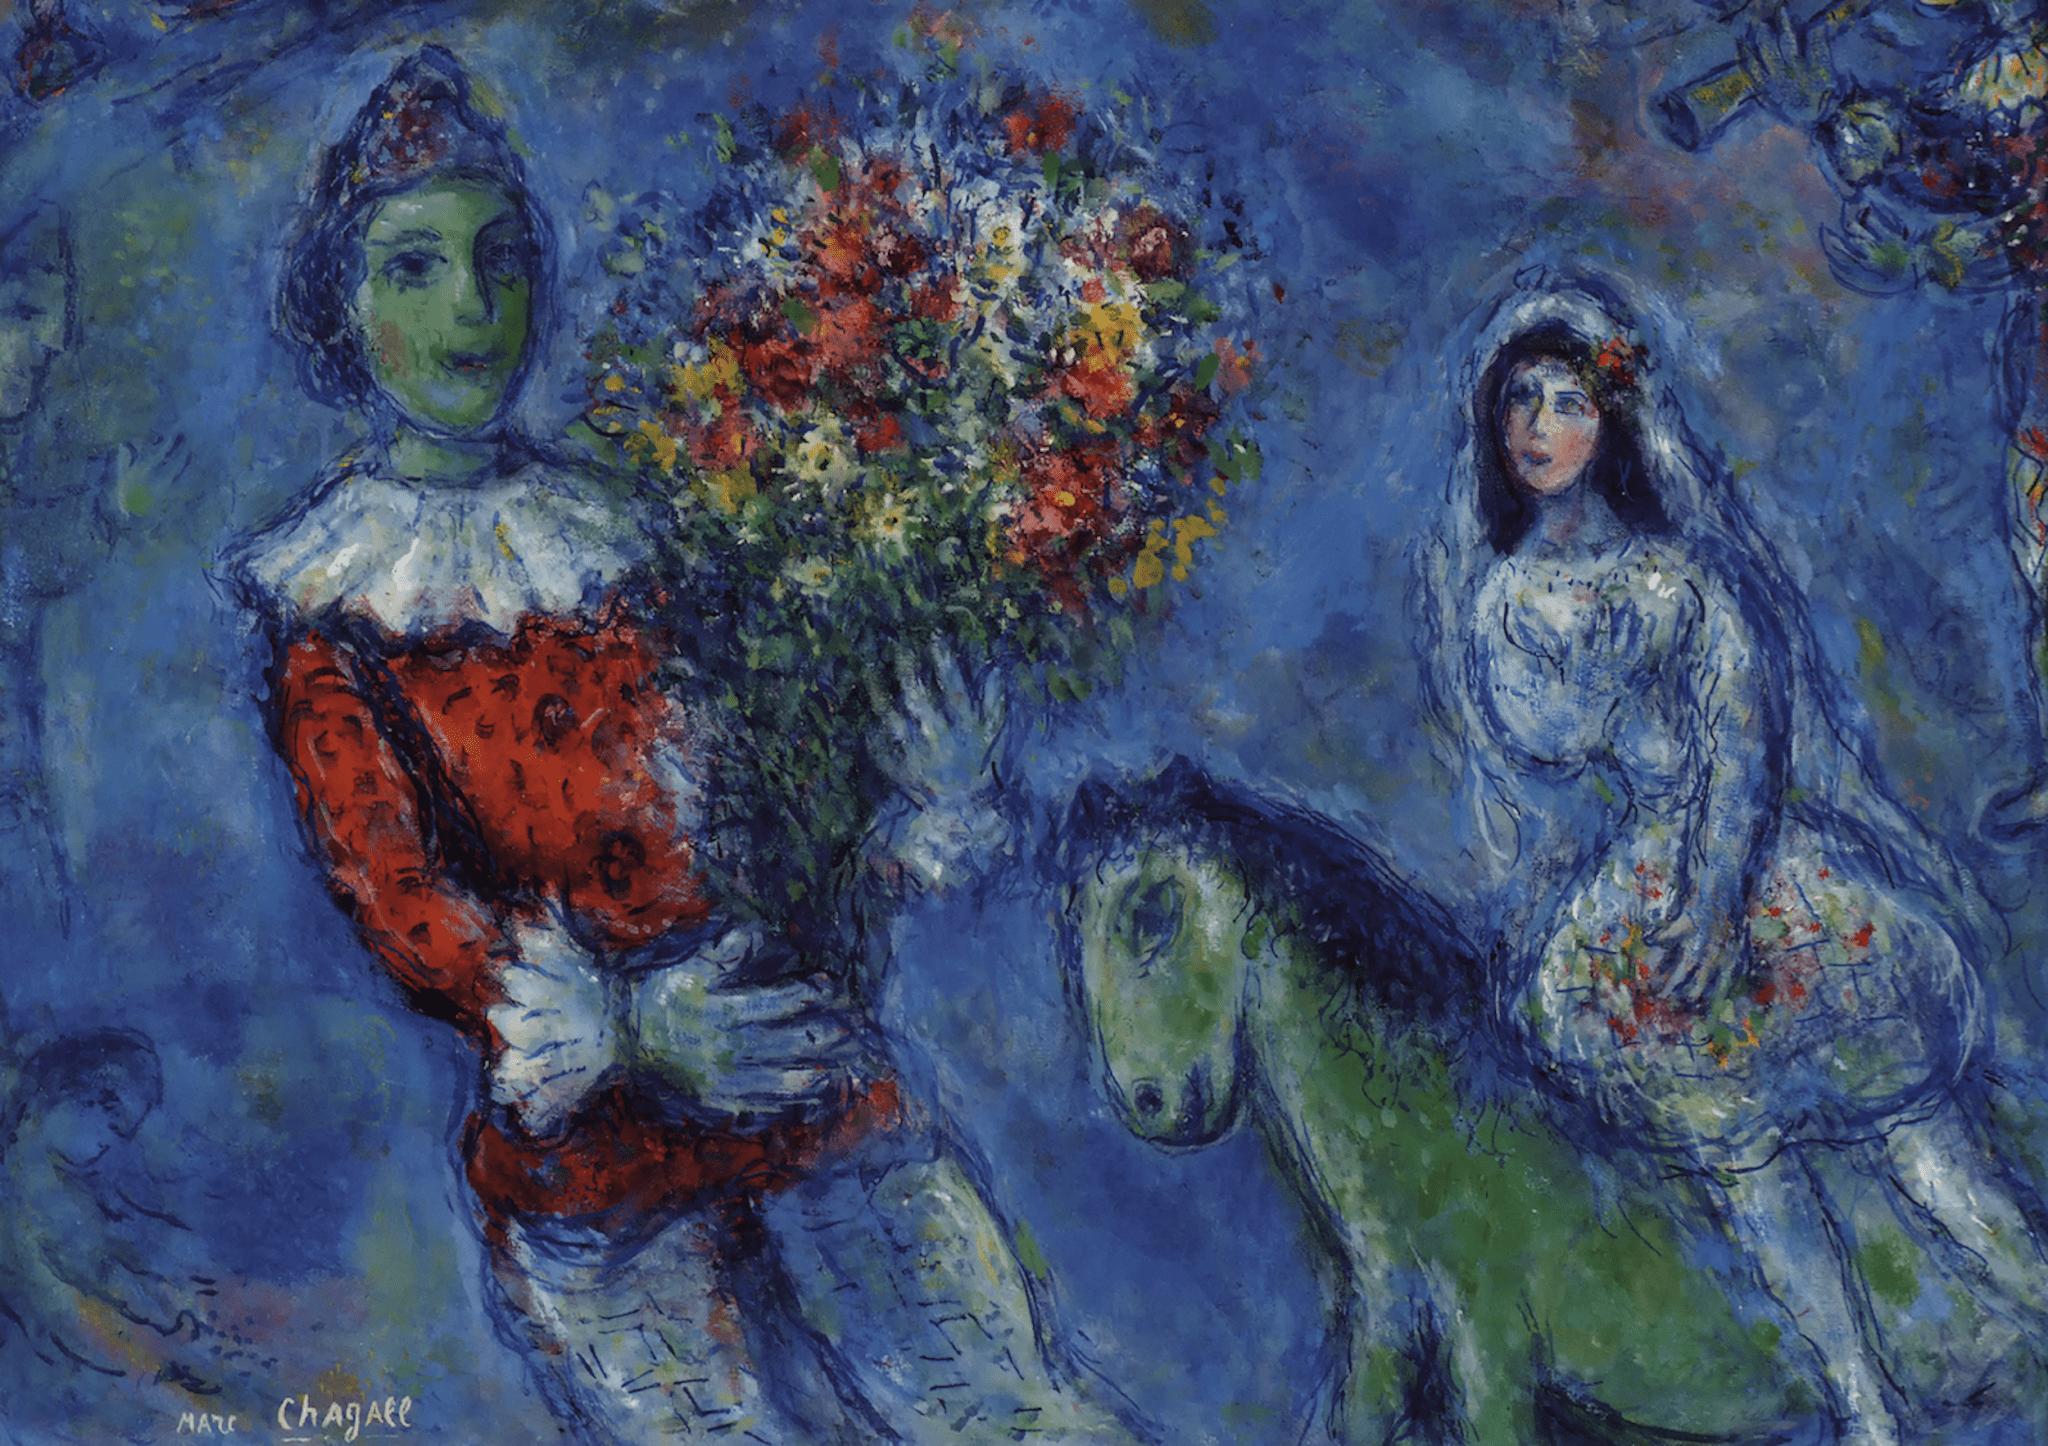 Sogno d'amore. L'universo poetico e sognante di Marc Chagall, a Napoli